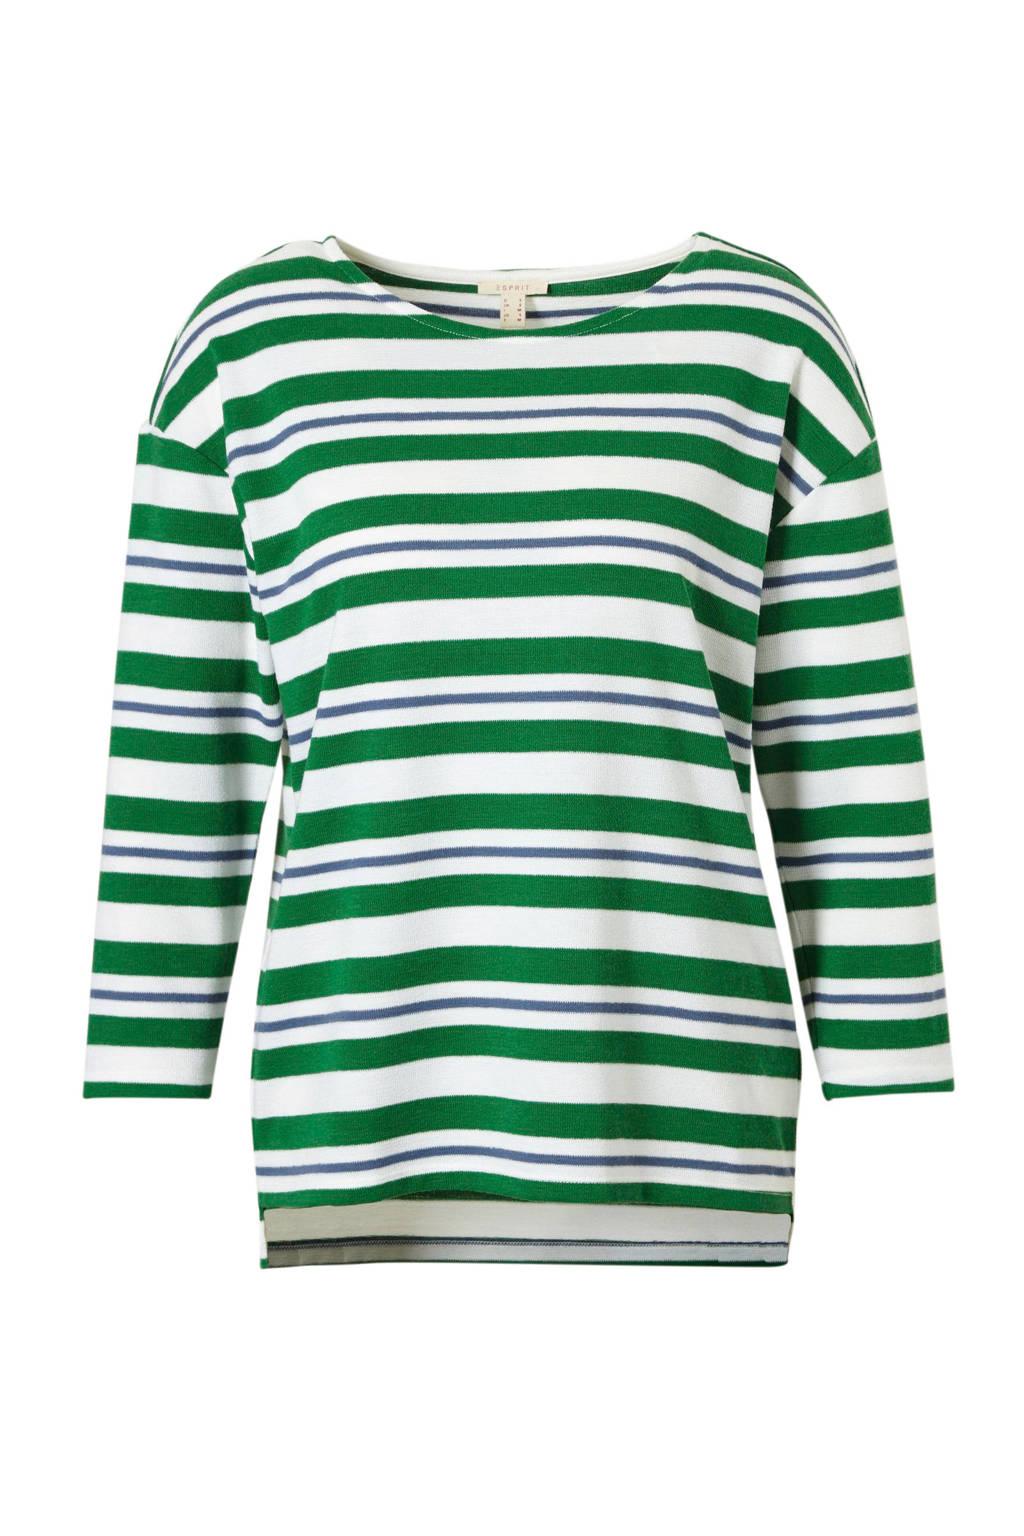 ESPRIT Women Casual top met strepen, Groen/ wit